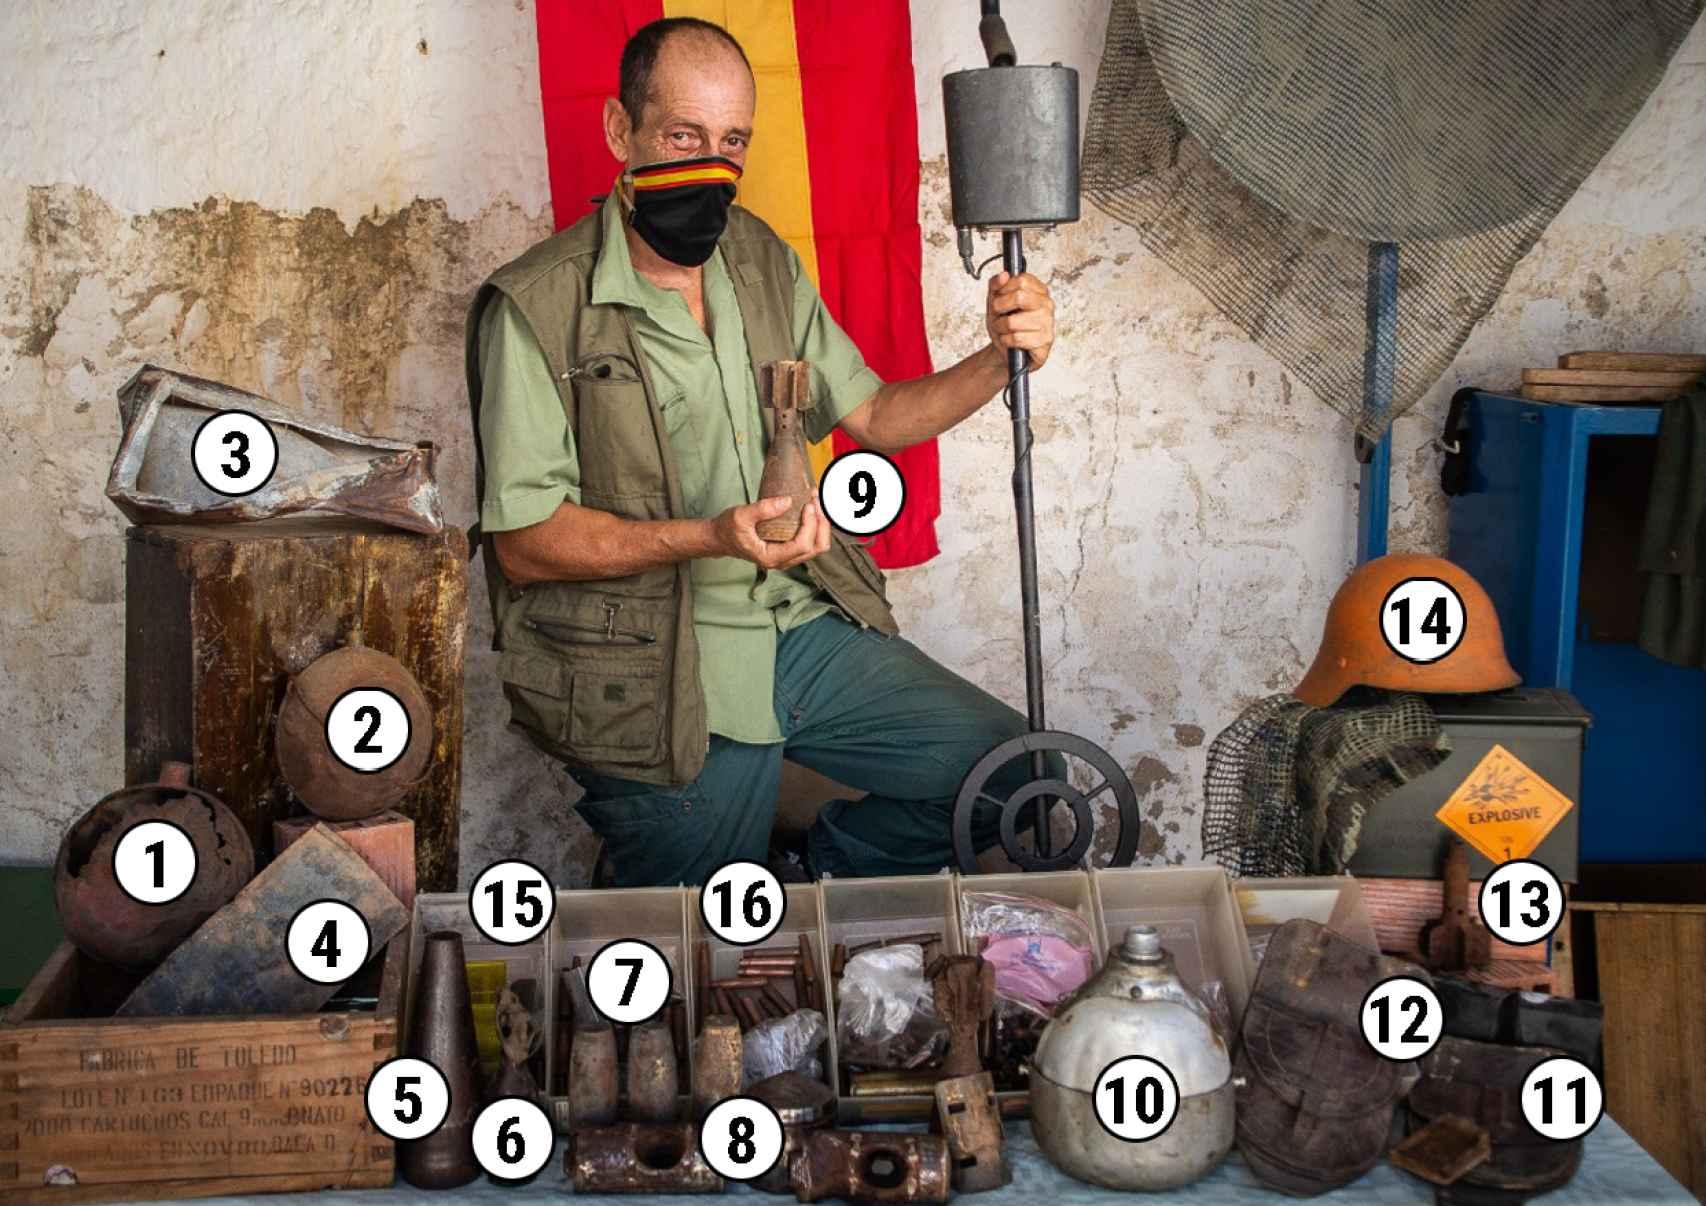 El inventario: (1, 2 y 11) cantimploras, (3) caja metálica porta munción, (4) tapa metálica con sello de plomo, (5) rectos de la cabeza de un mortero, (6) pequeña botella, (7) cabezas de bombas desactivadas, (8) granada francesa vaciada, (9) cuerpo de granada de mortero de 60 mm explotada, (10) desconocido, (12, 13 y 14) porta herraduras de caballerías, (15) cartucheras del Mauser, (16) rectos de una granada de mortero, (17) casco de Mod.1917 en restauración, (18) peines, eslabones y cargadores, (19, 20 y 21) casquillos de varios calibres y países.